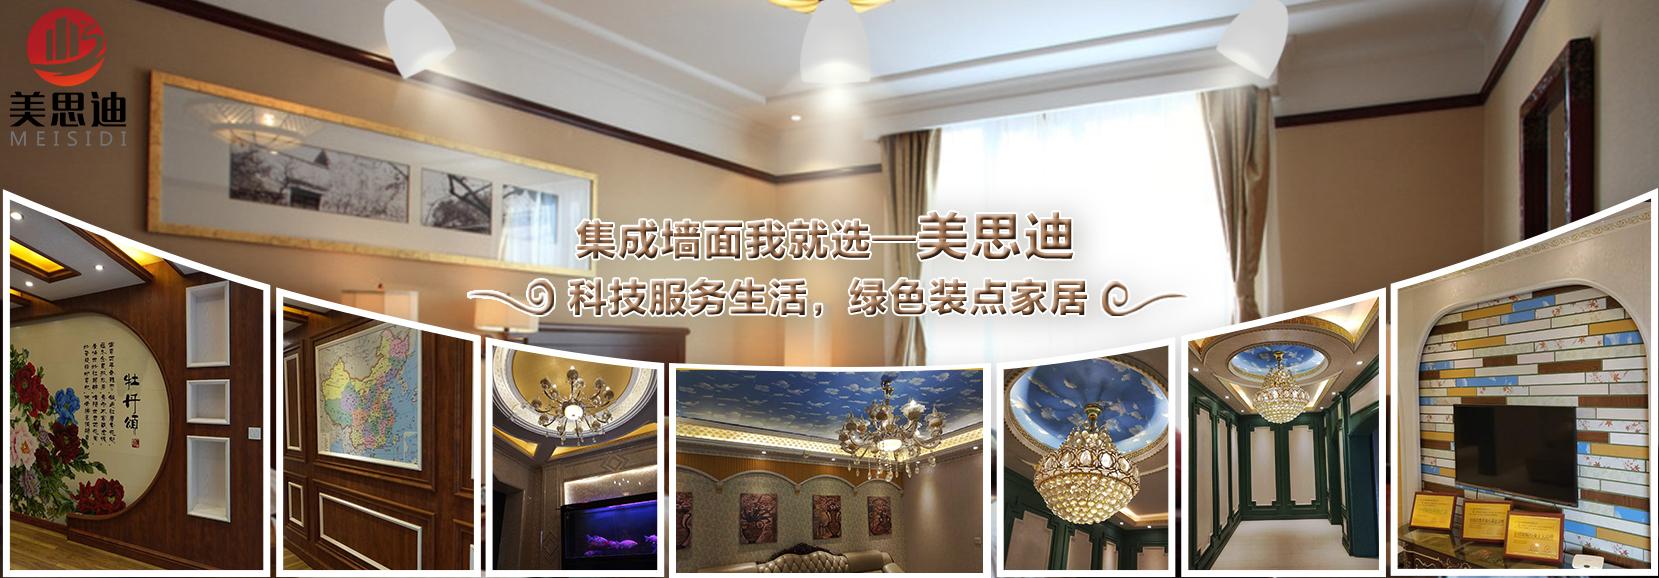 沈阳亚博体育yabo88在线亚博体育app官方厂家